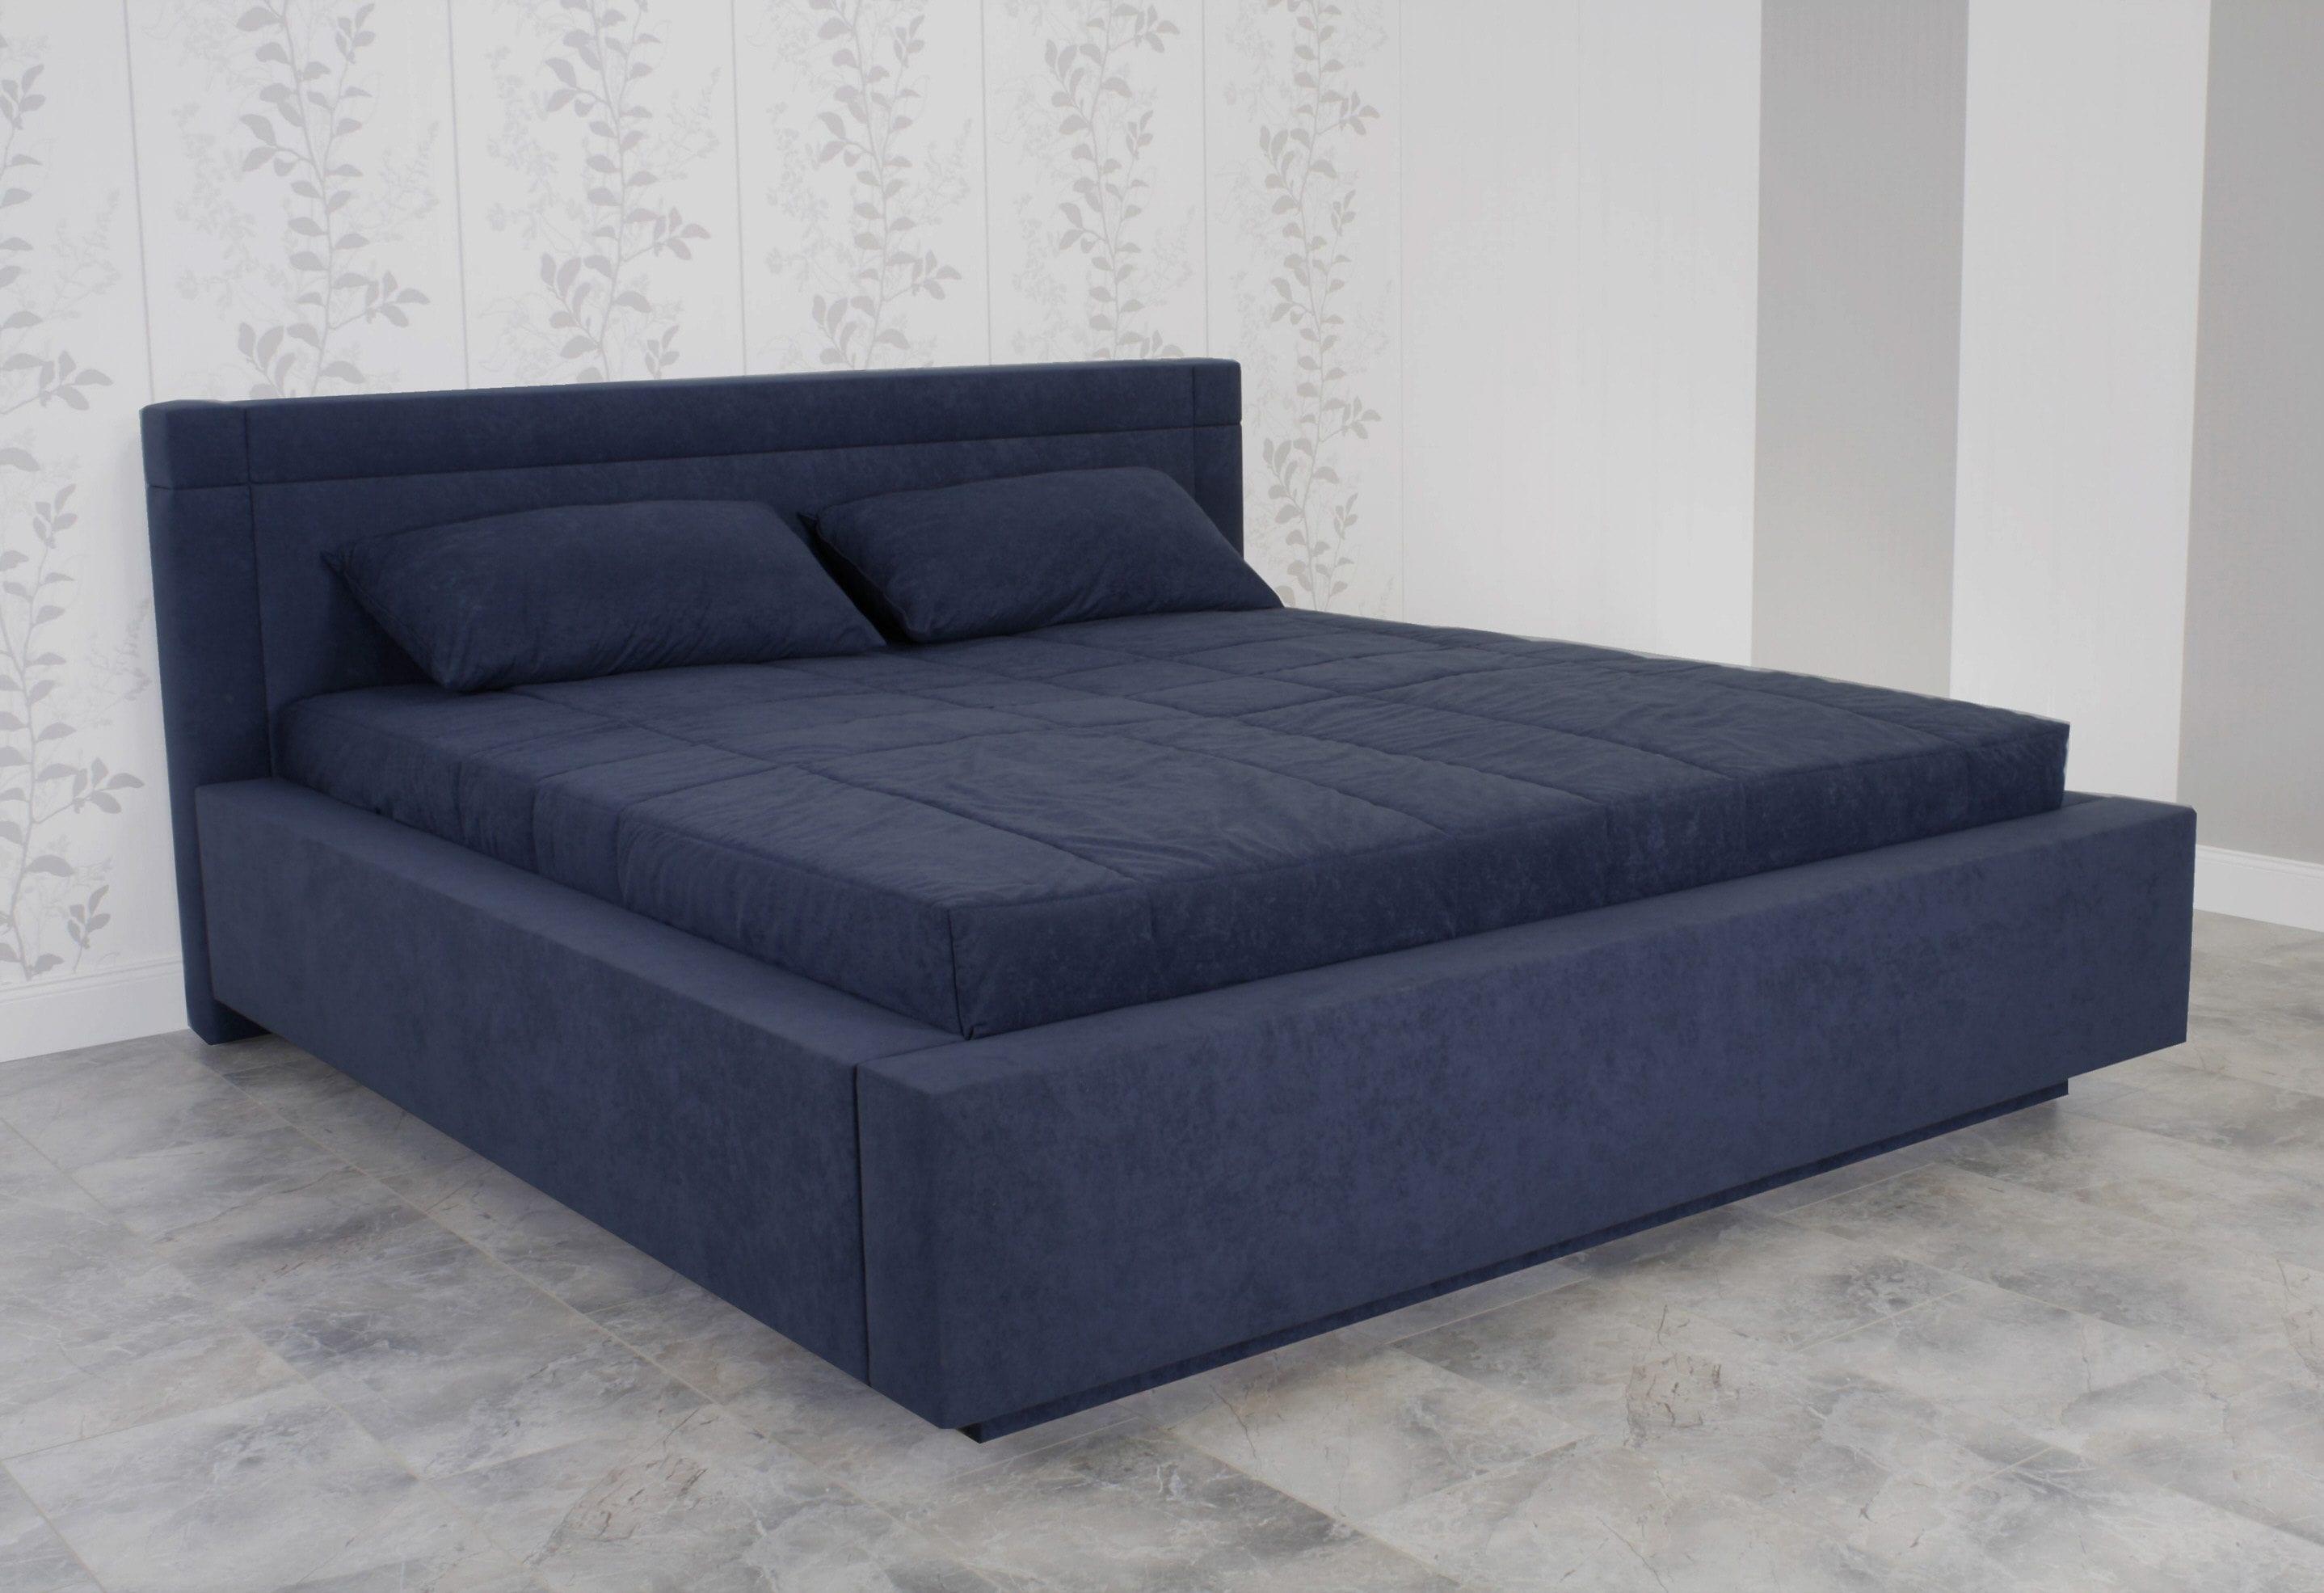 Westfalia Schlafkomfort Polsterbett, mit Bettkasten günstig online kaufen